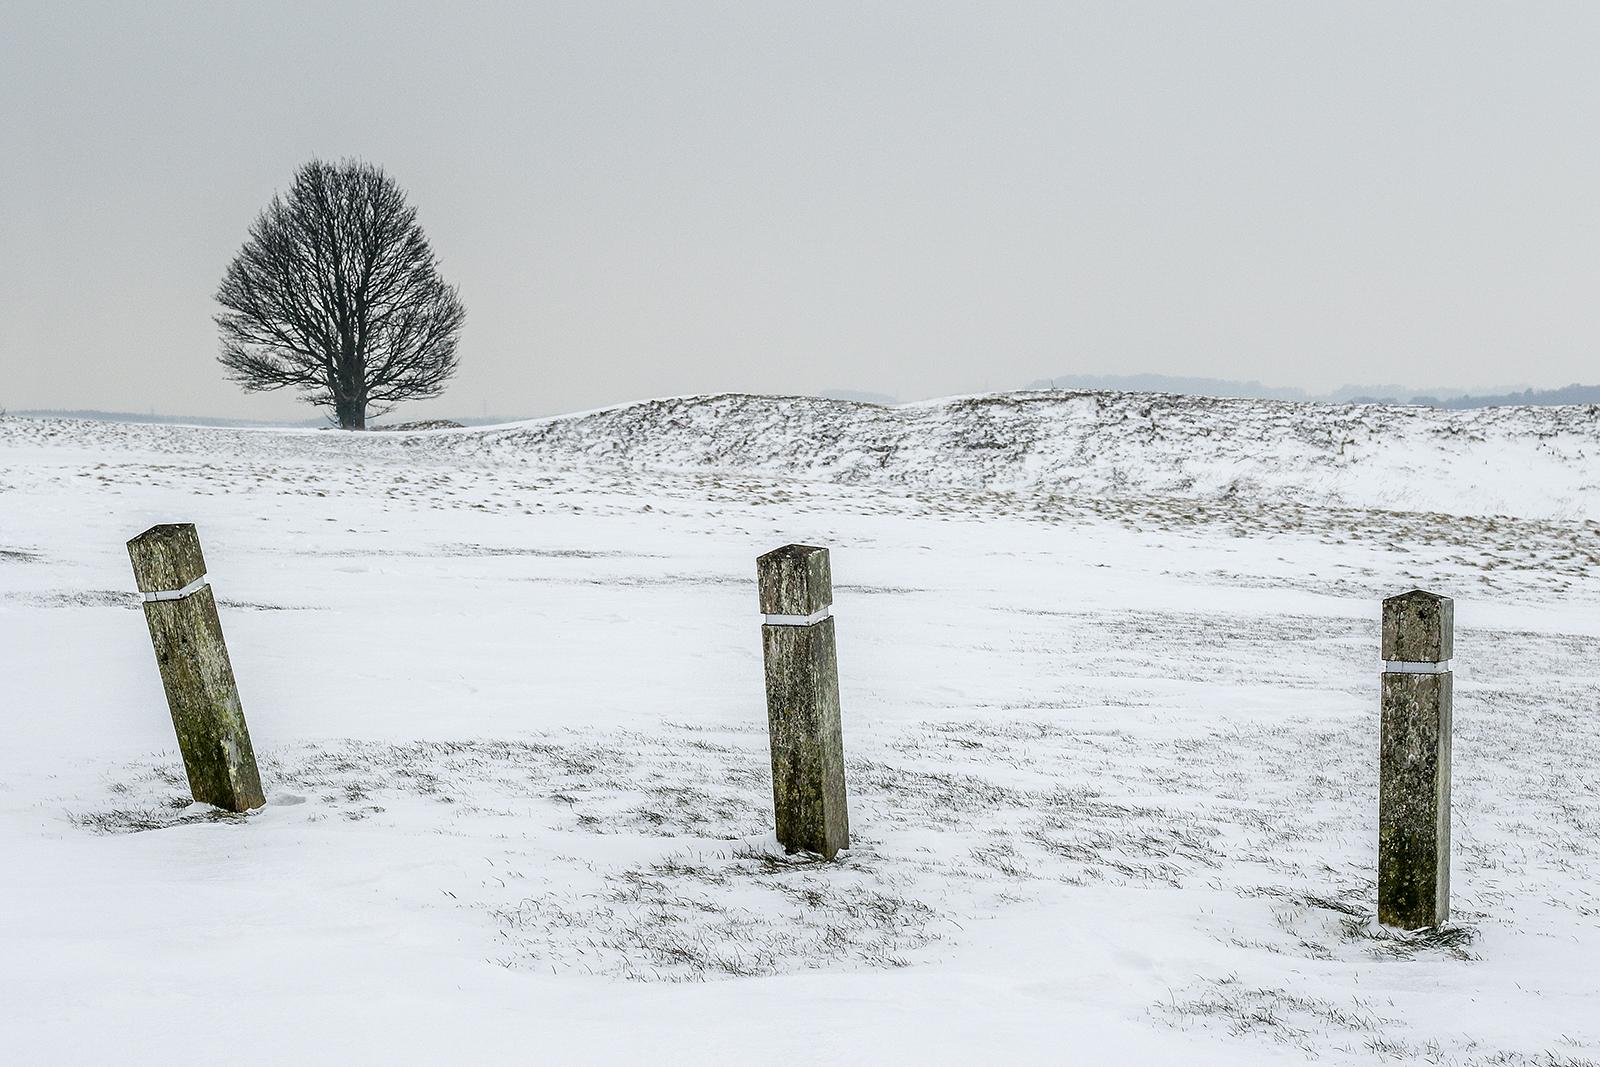 'A Winter Scene' by Tony O'Reilly